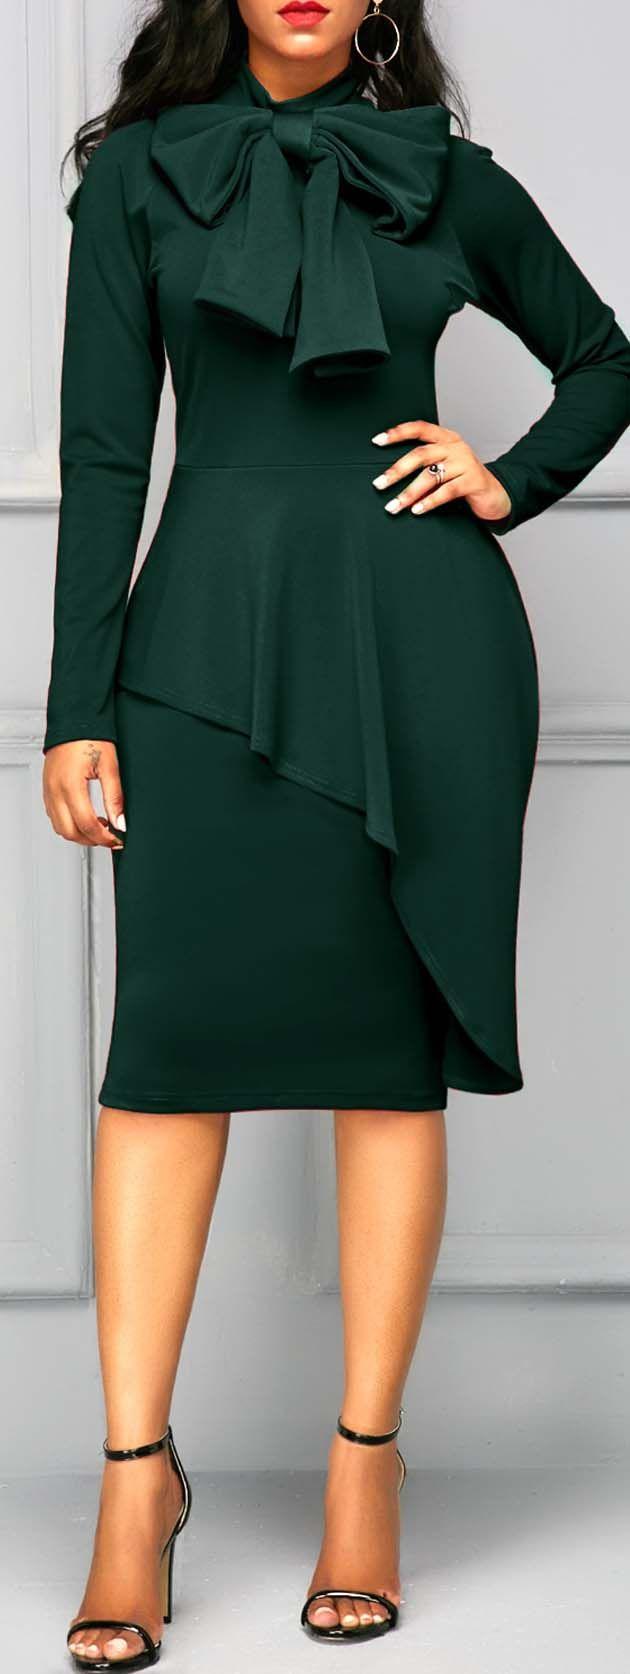 Dark Green Tie Neck Peplum Waist Dress, party, simi formal dress, cute dress, cute dresses, modest dress, modest dresses.